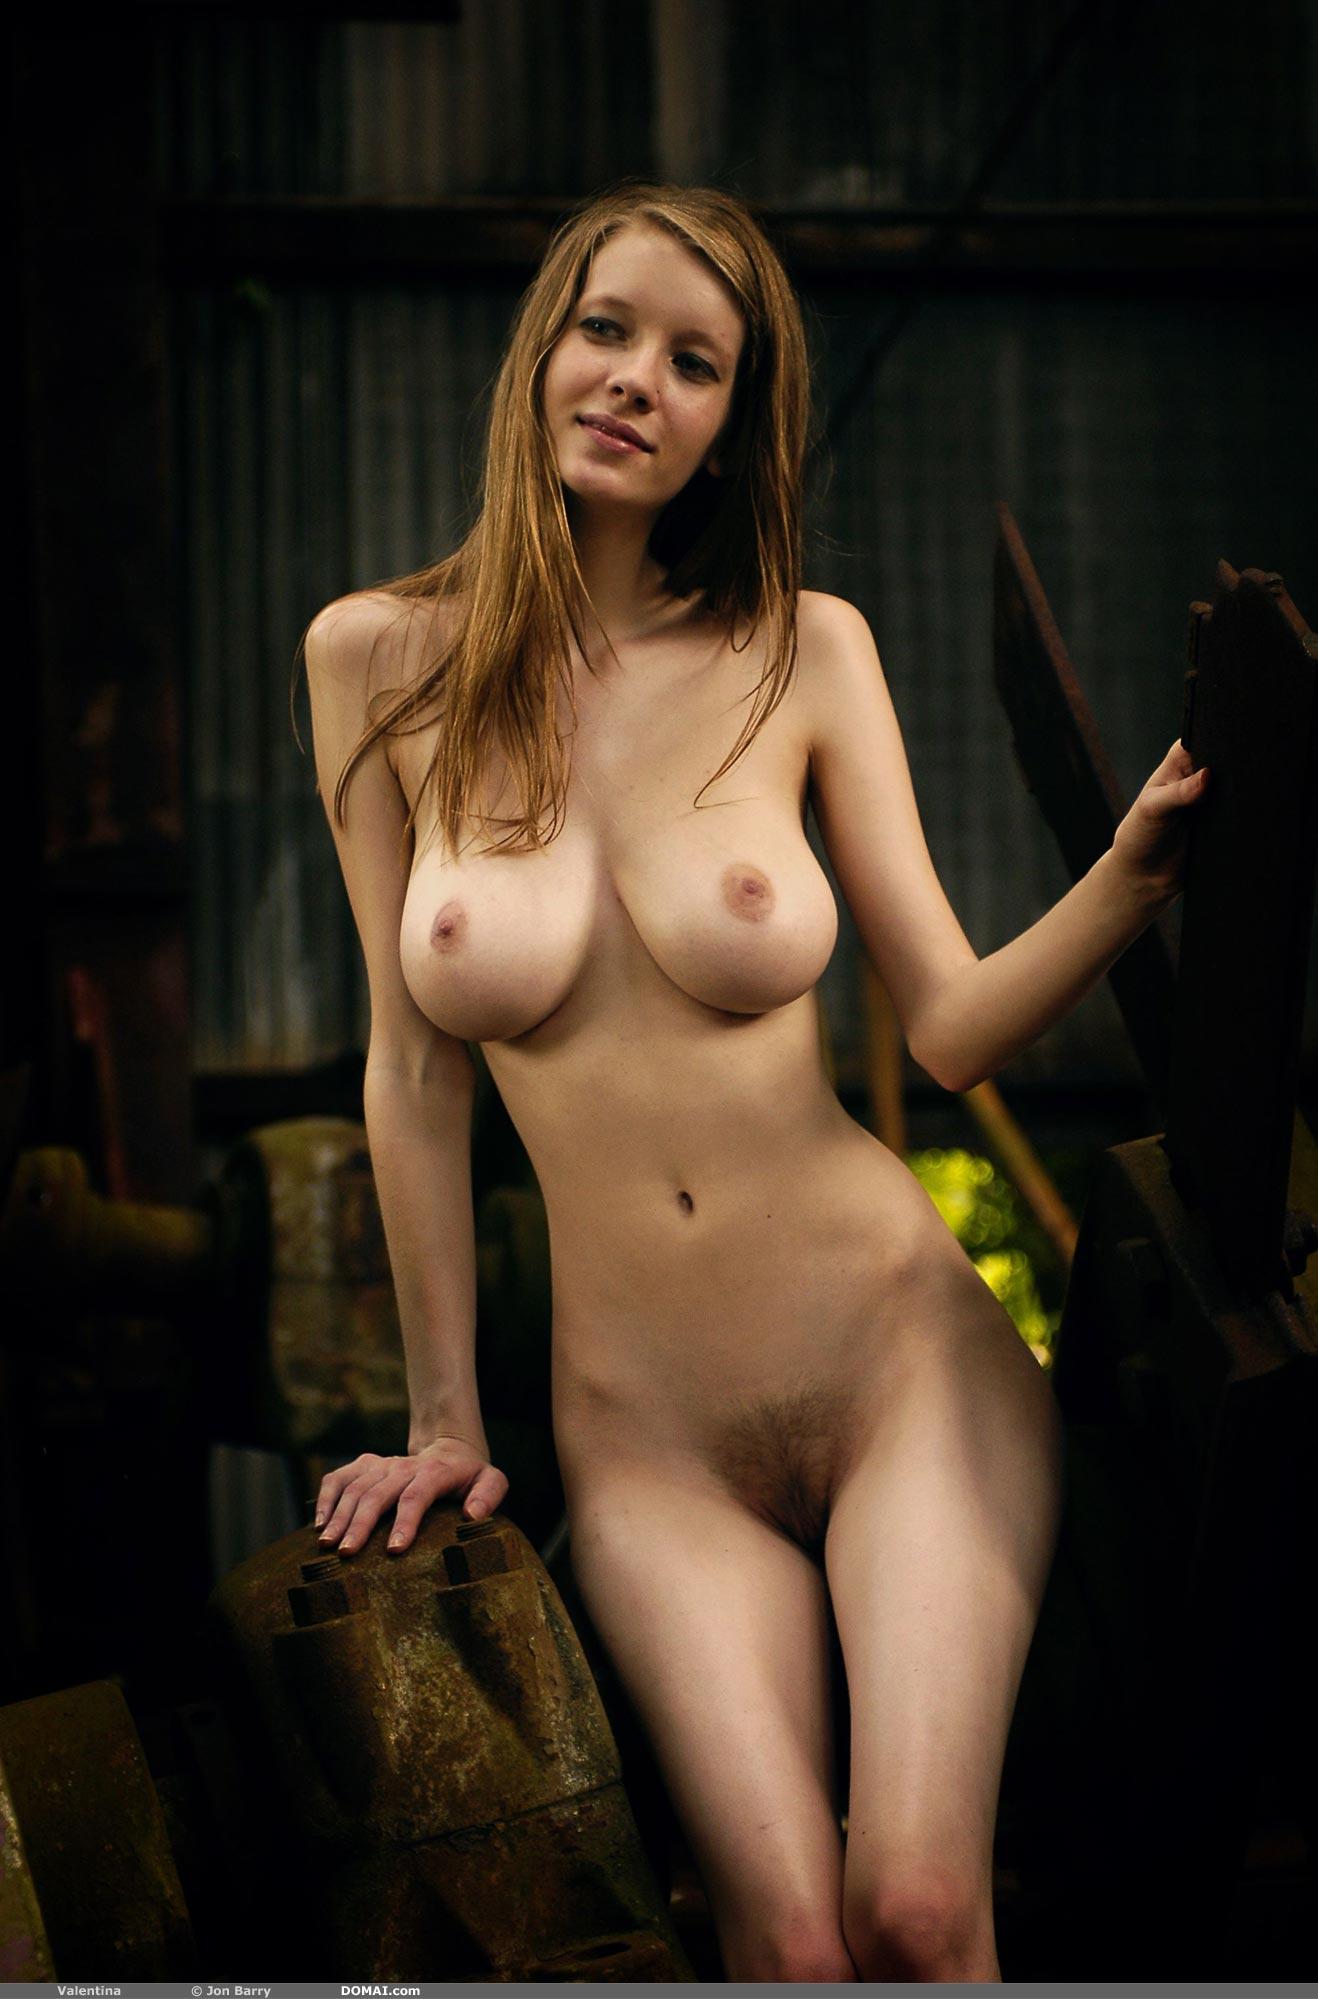 Ebony centerfolds nude